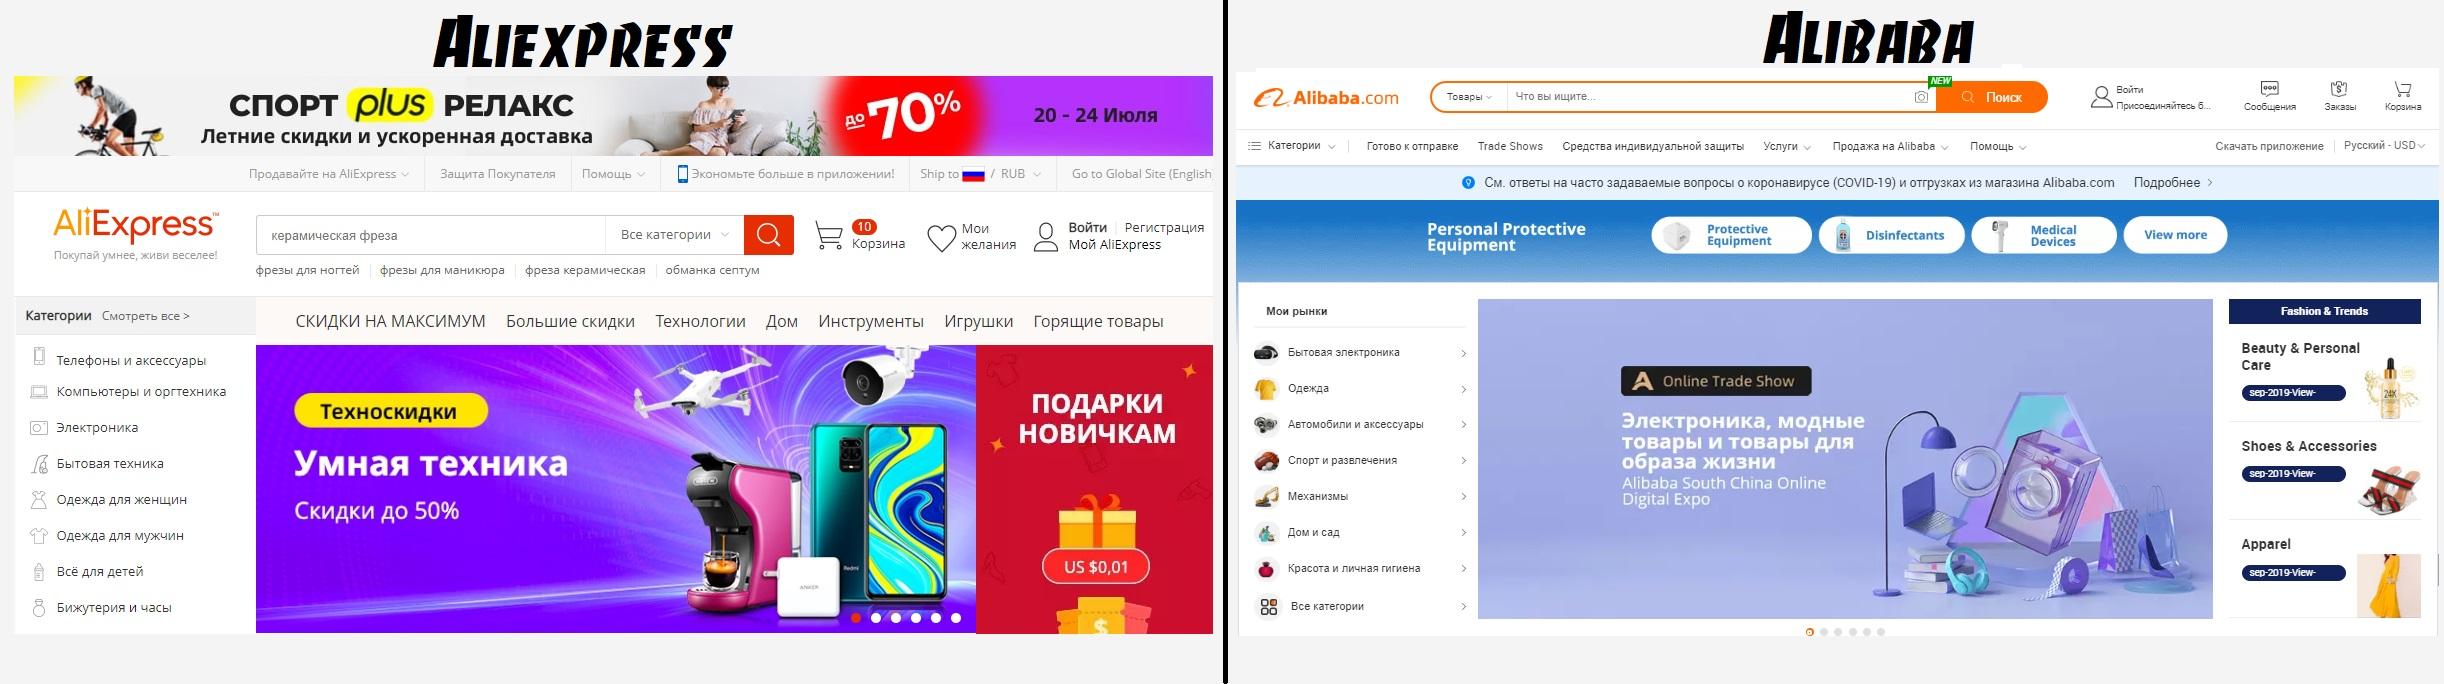 Интерфейс сайтов Aliexpress и Alibaba